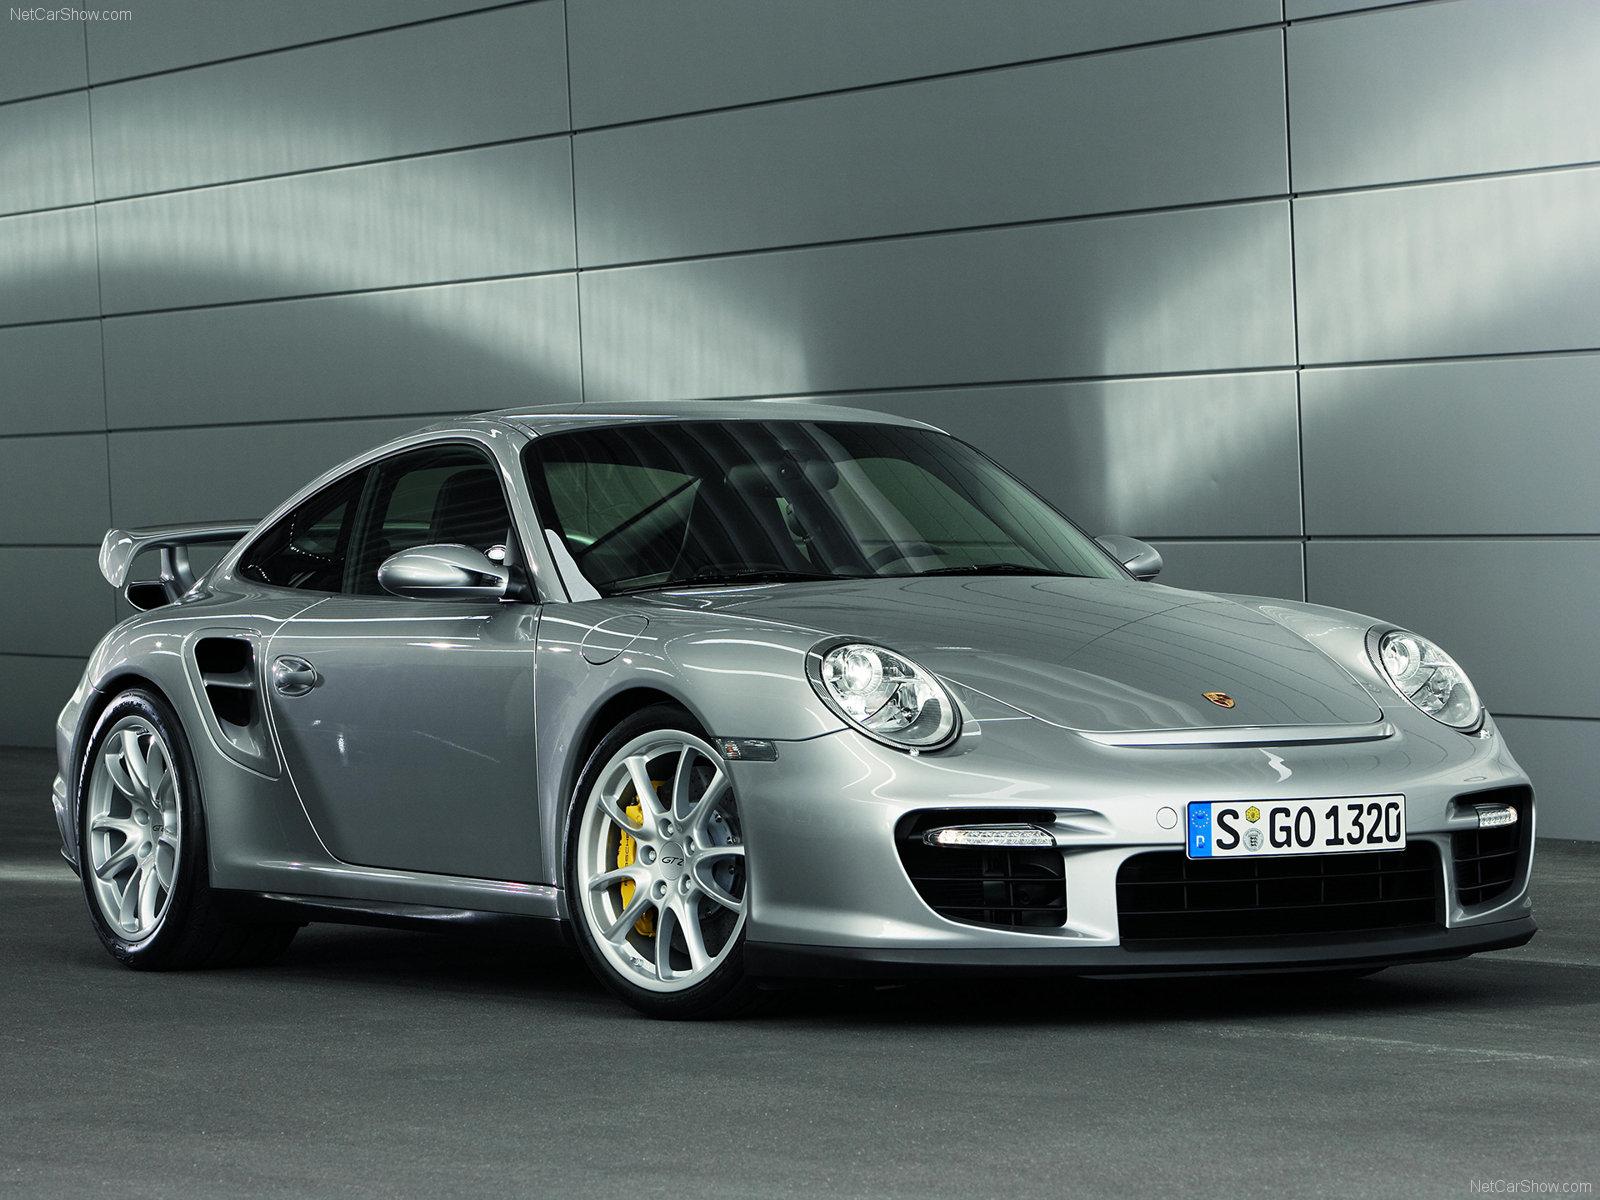 Silver Porsche 911